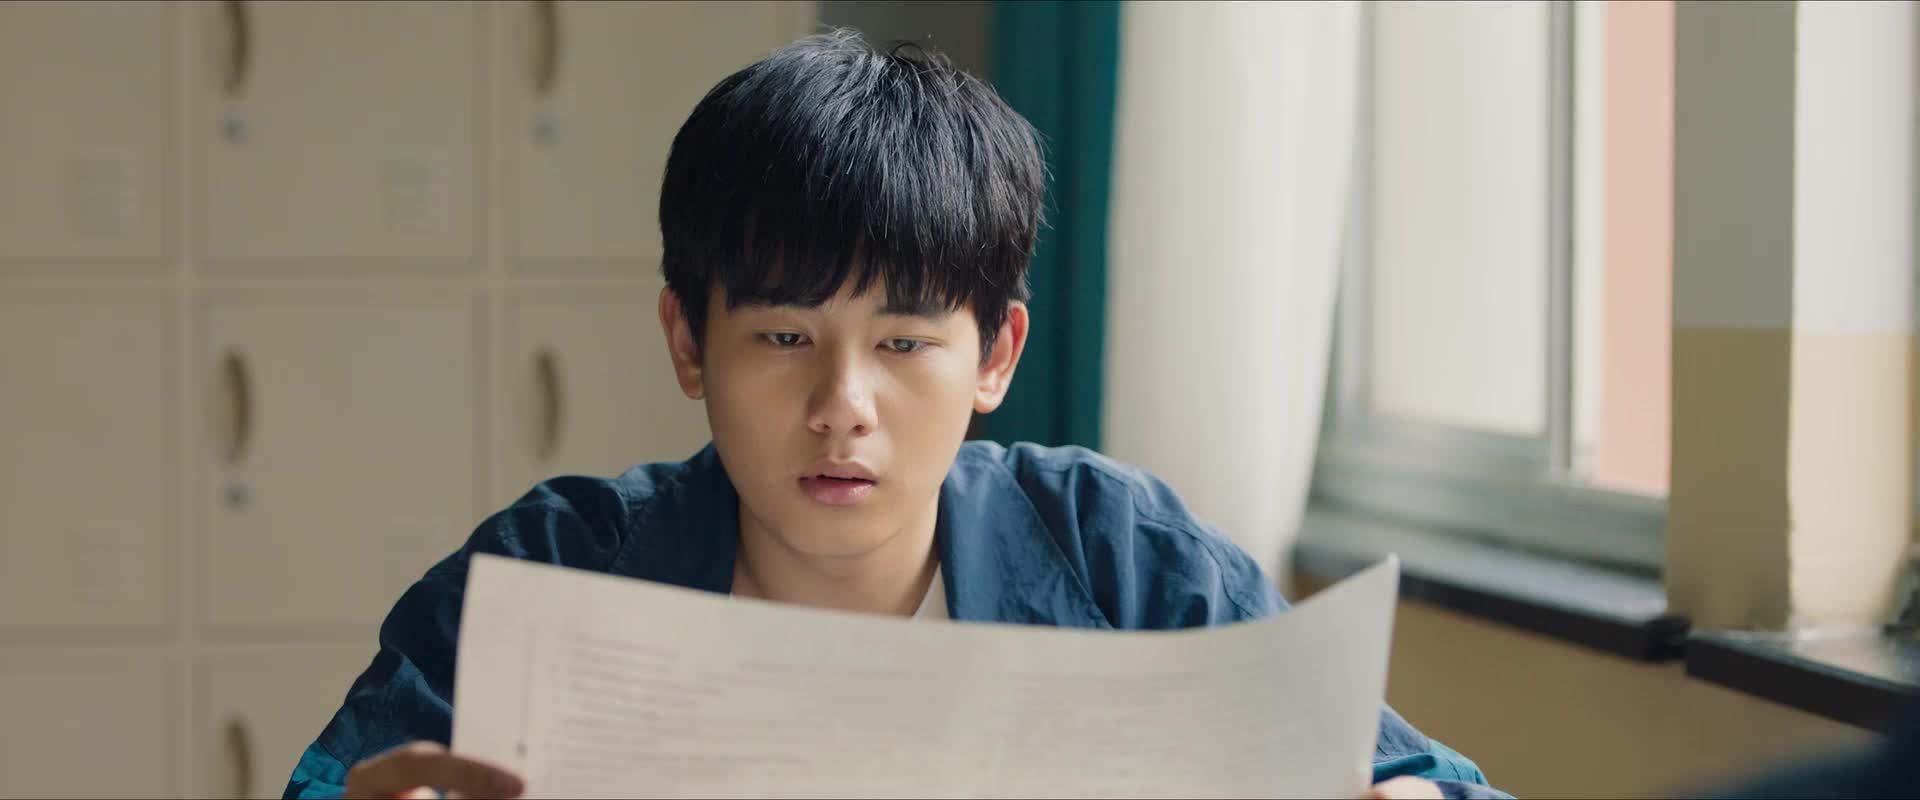 《棋魂》谷雨主动去棋牌室帮忙 他会加入围棋社吗